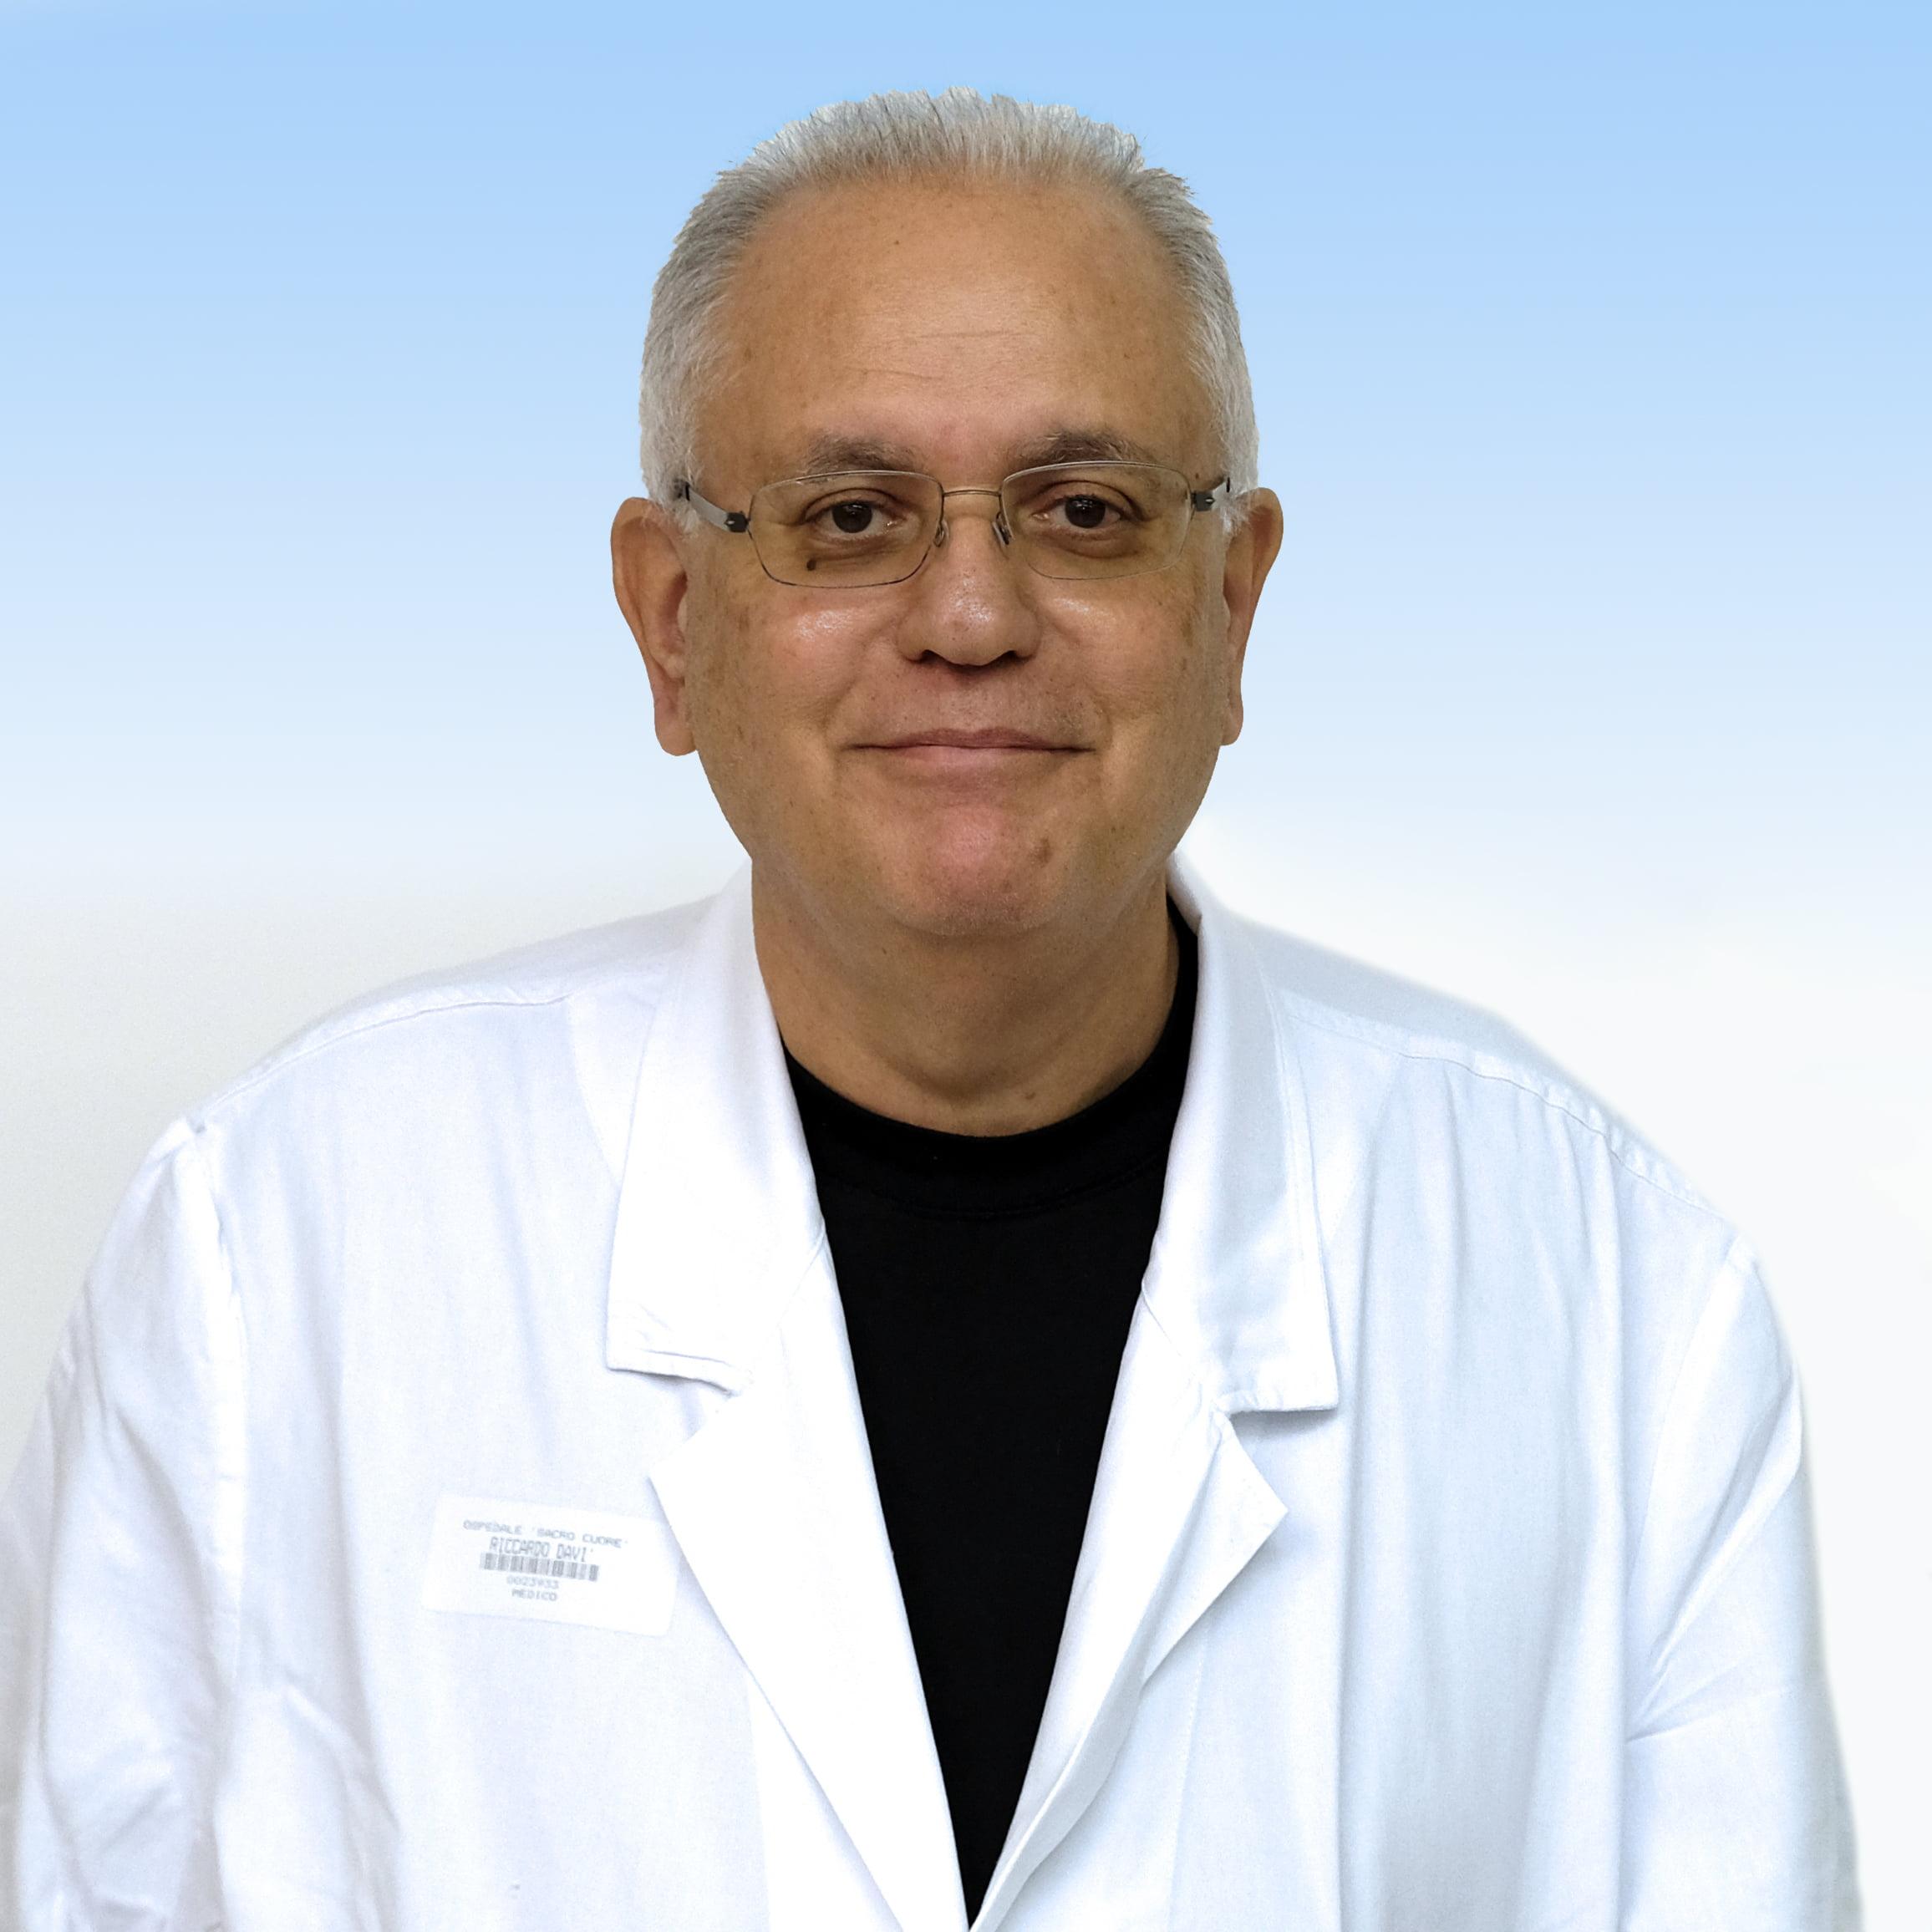 Dottor Riccardo Davi, medico del Pronto Soccorso Irccs Sacro Cuore Don Calabria